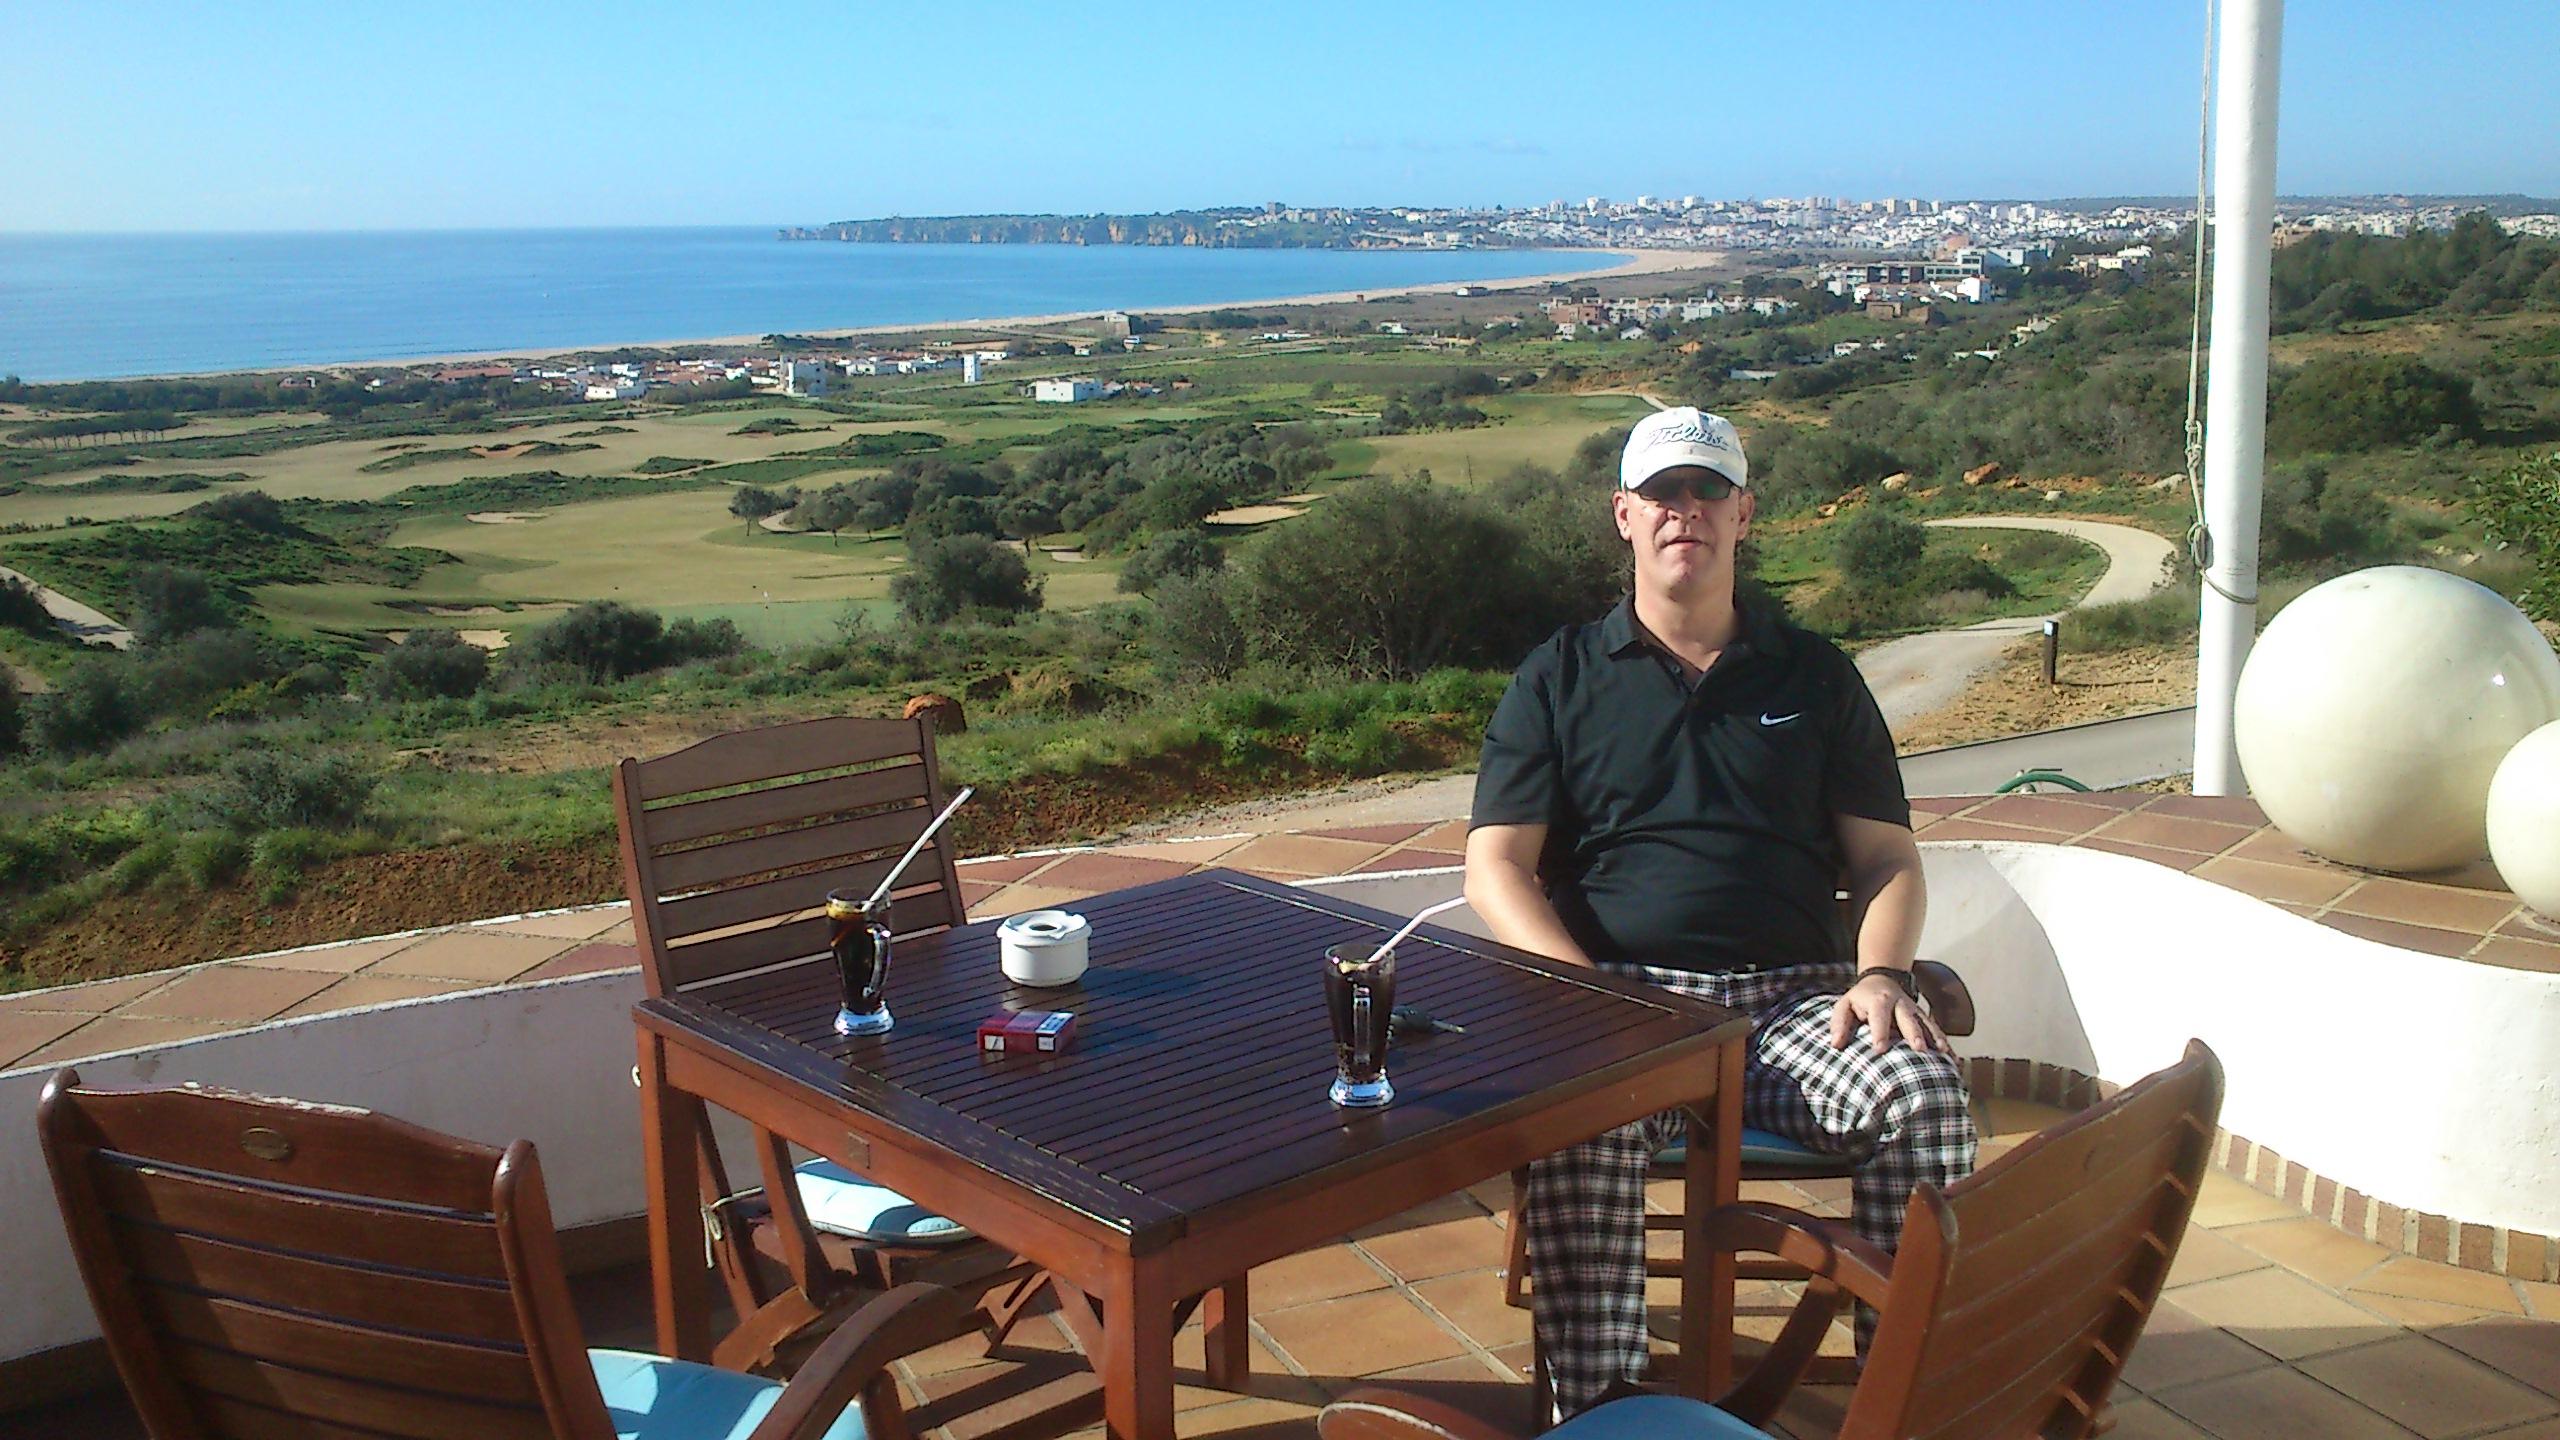 Algarve, radio FORE – die Algarve Teil 2, Golfsport.News, Golfsport.News